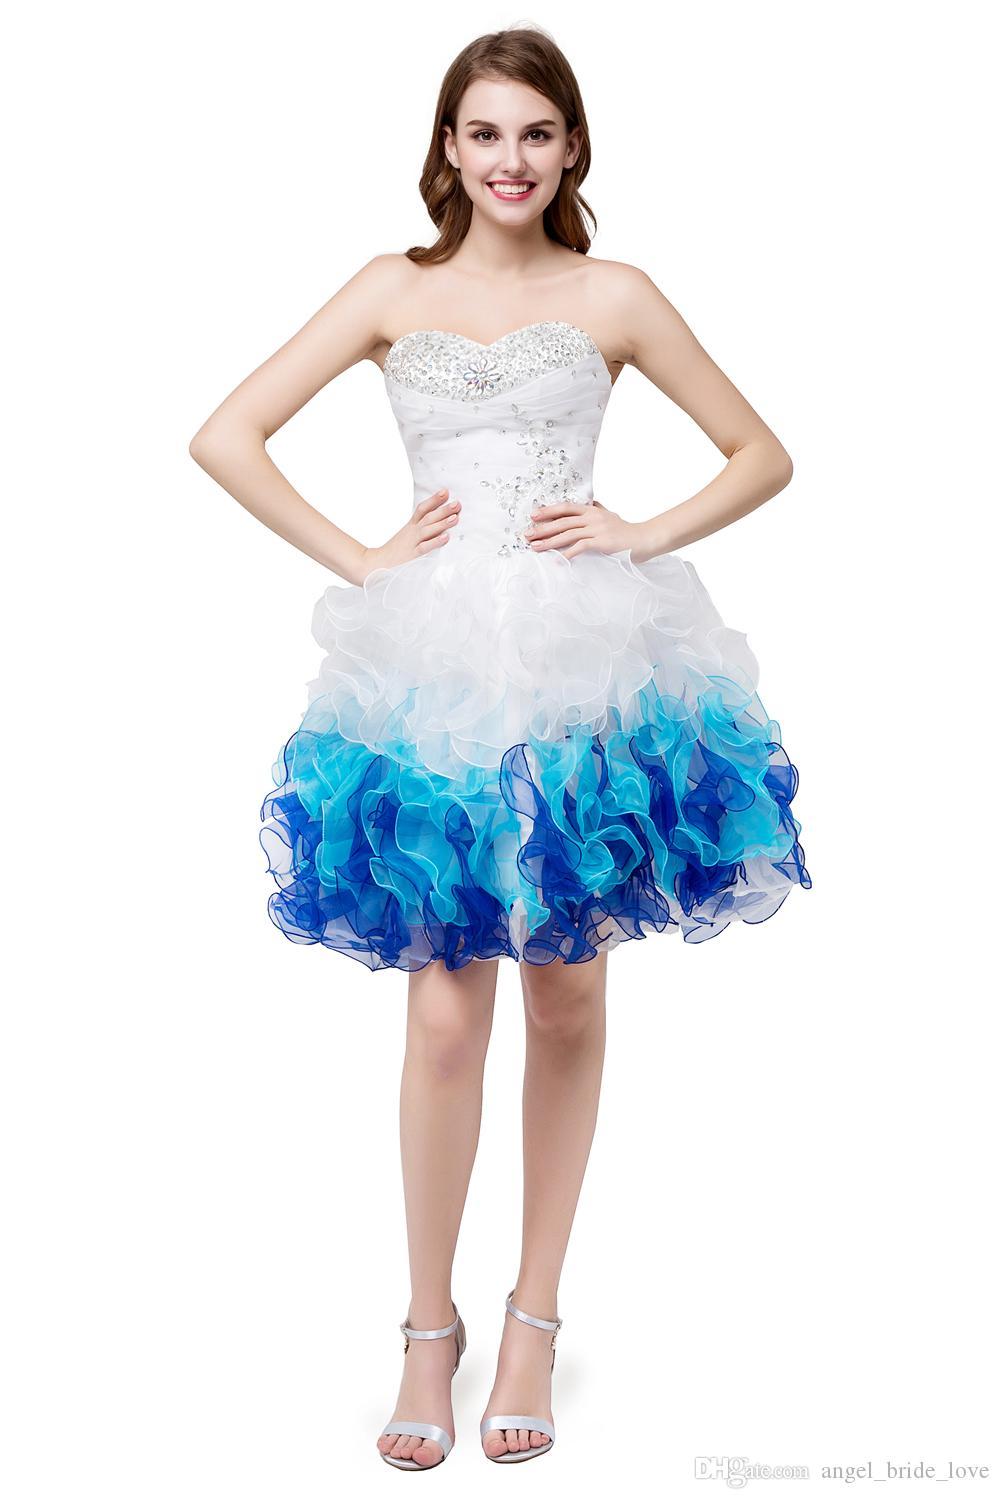 2019 Stokta Güzel Beyaz Mavi Sevgiliye Organze Ucuz Kısa Mezuniyet Elbiseleri Sevgiliye Mezuniyet Dresse Parti Balo Örgün Elbisesi QS1060